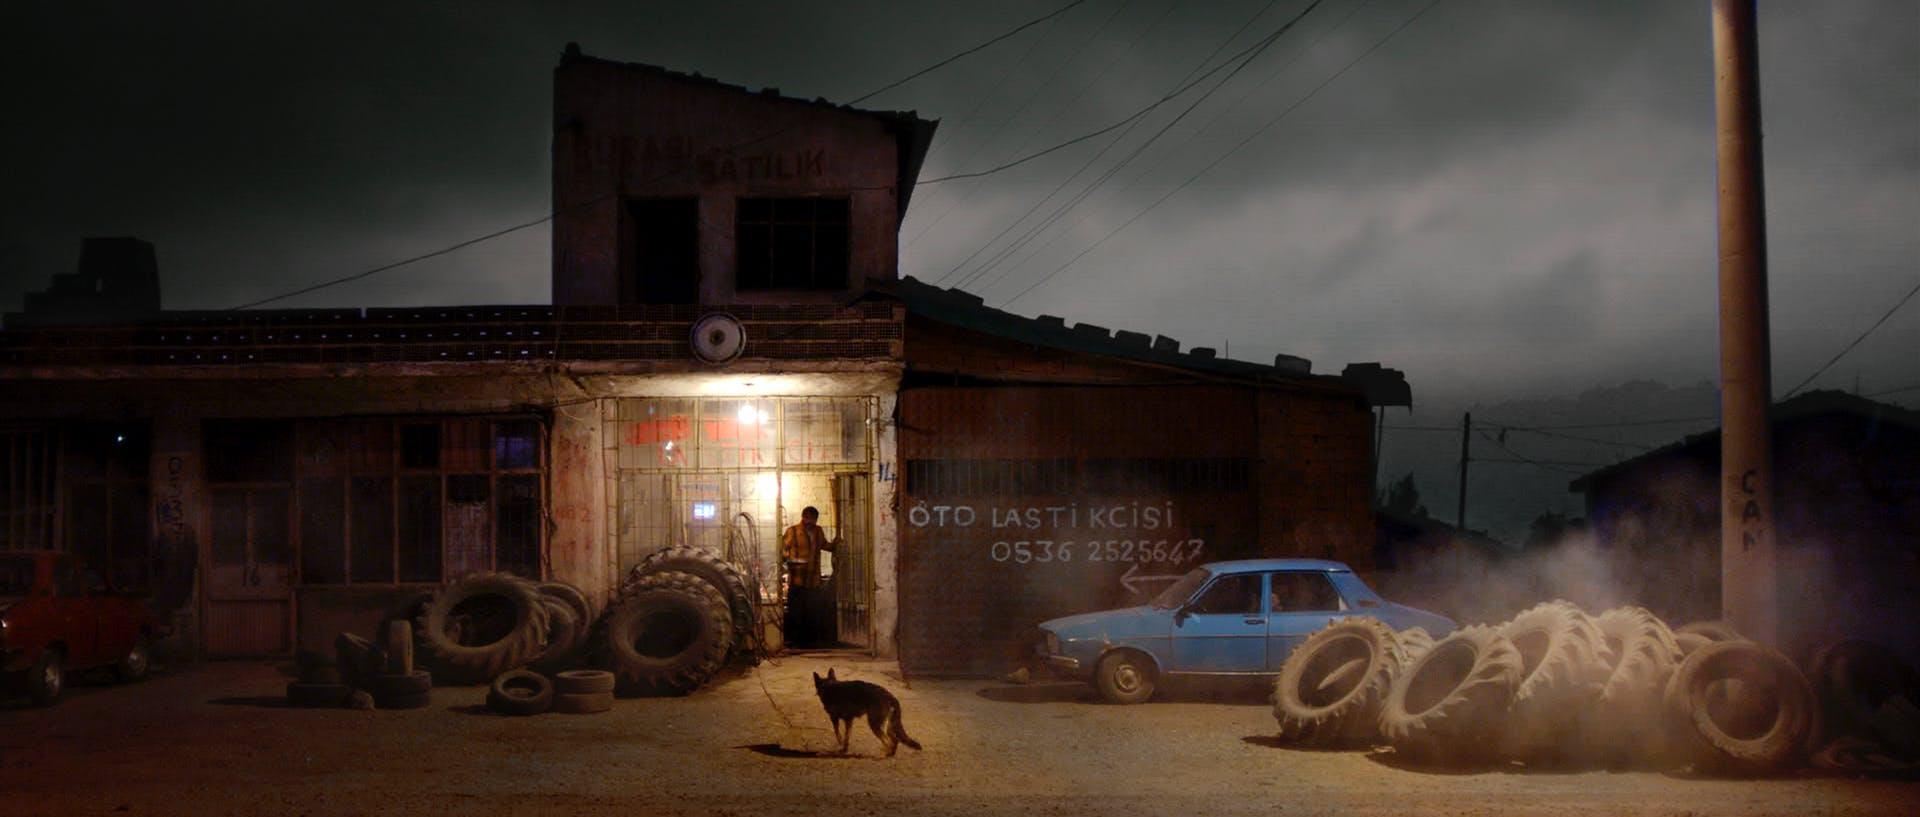 تحلیل فیلم Once Upon a Time in Anatolia روزی روزگاری در آناتولی اثر نوری بیلگه جیلان